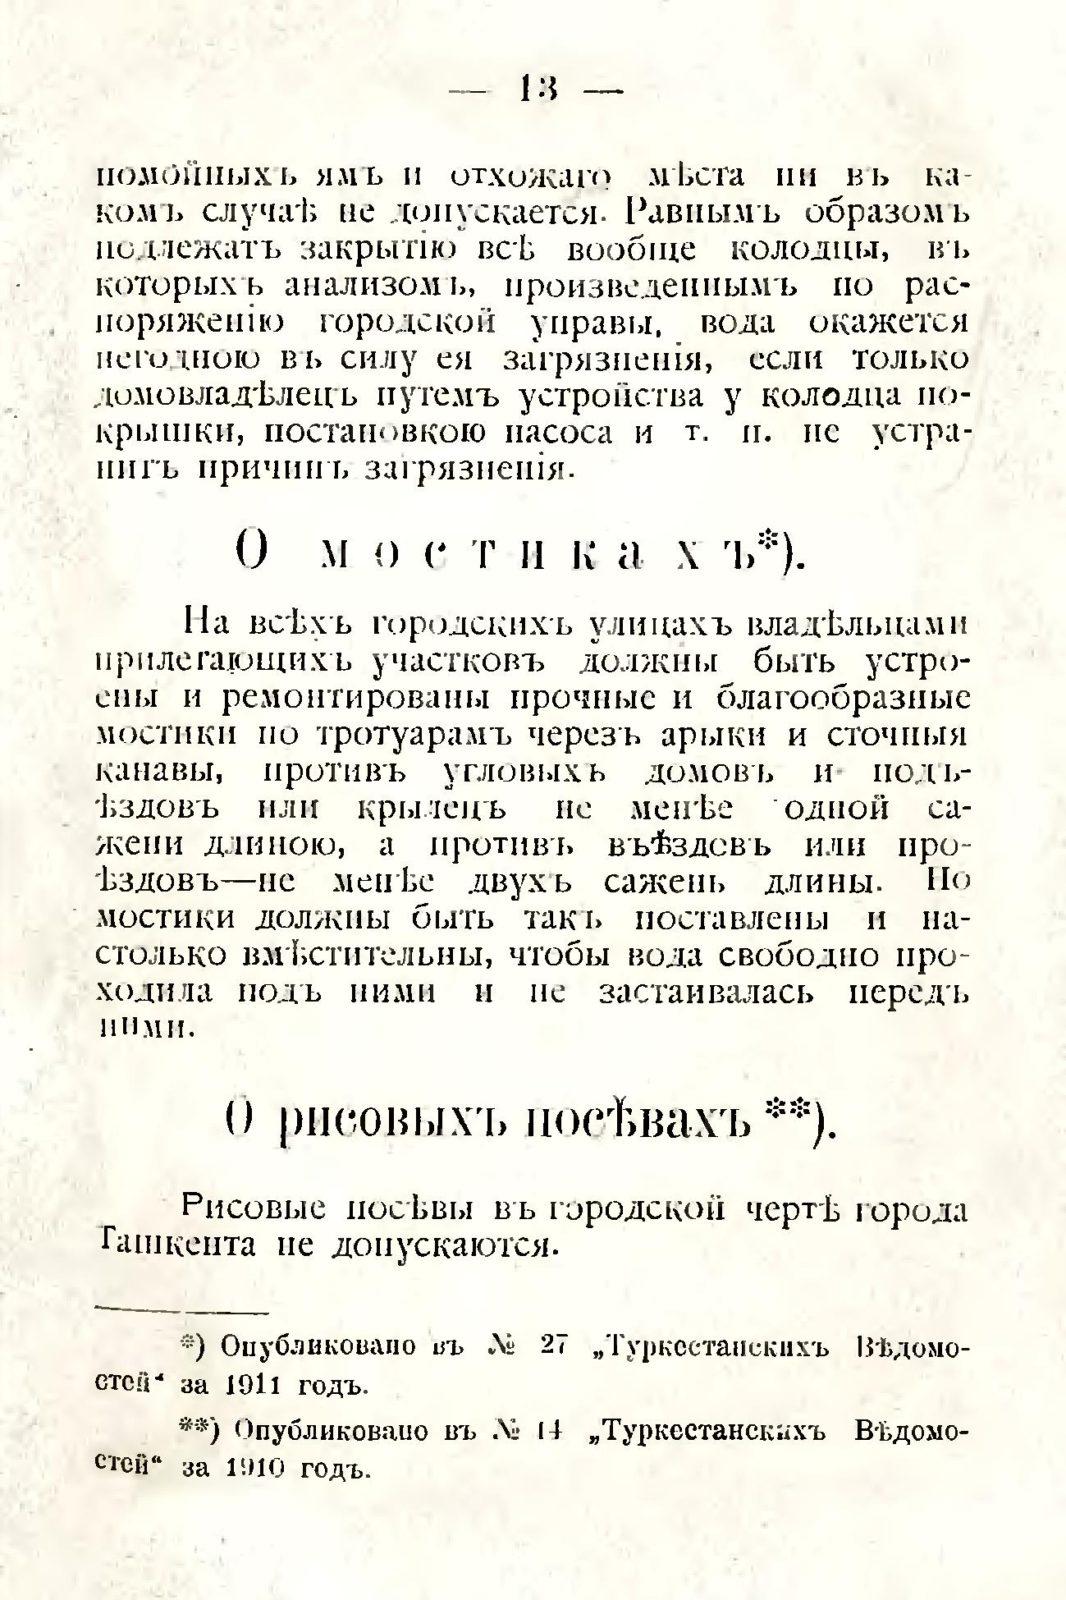 sbornik_obyazatelnyh_postanovlenii_tashkentskoi_gorodskoi_du_17